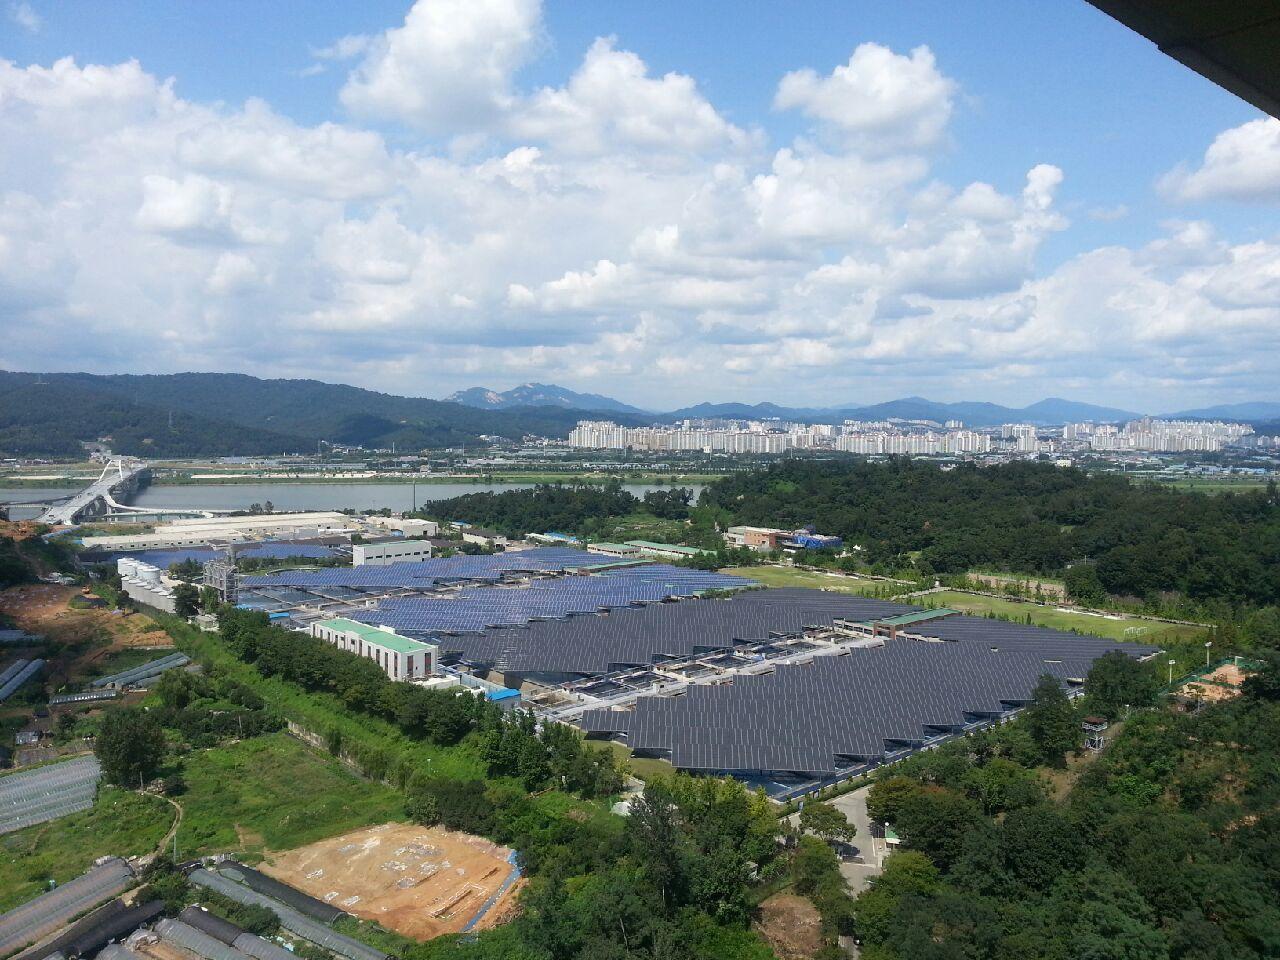 Amsa濾水廠屋頂上方的7,692個太陽能板。圖/能源與和平基金會